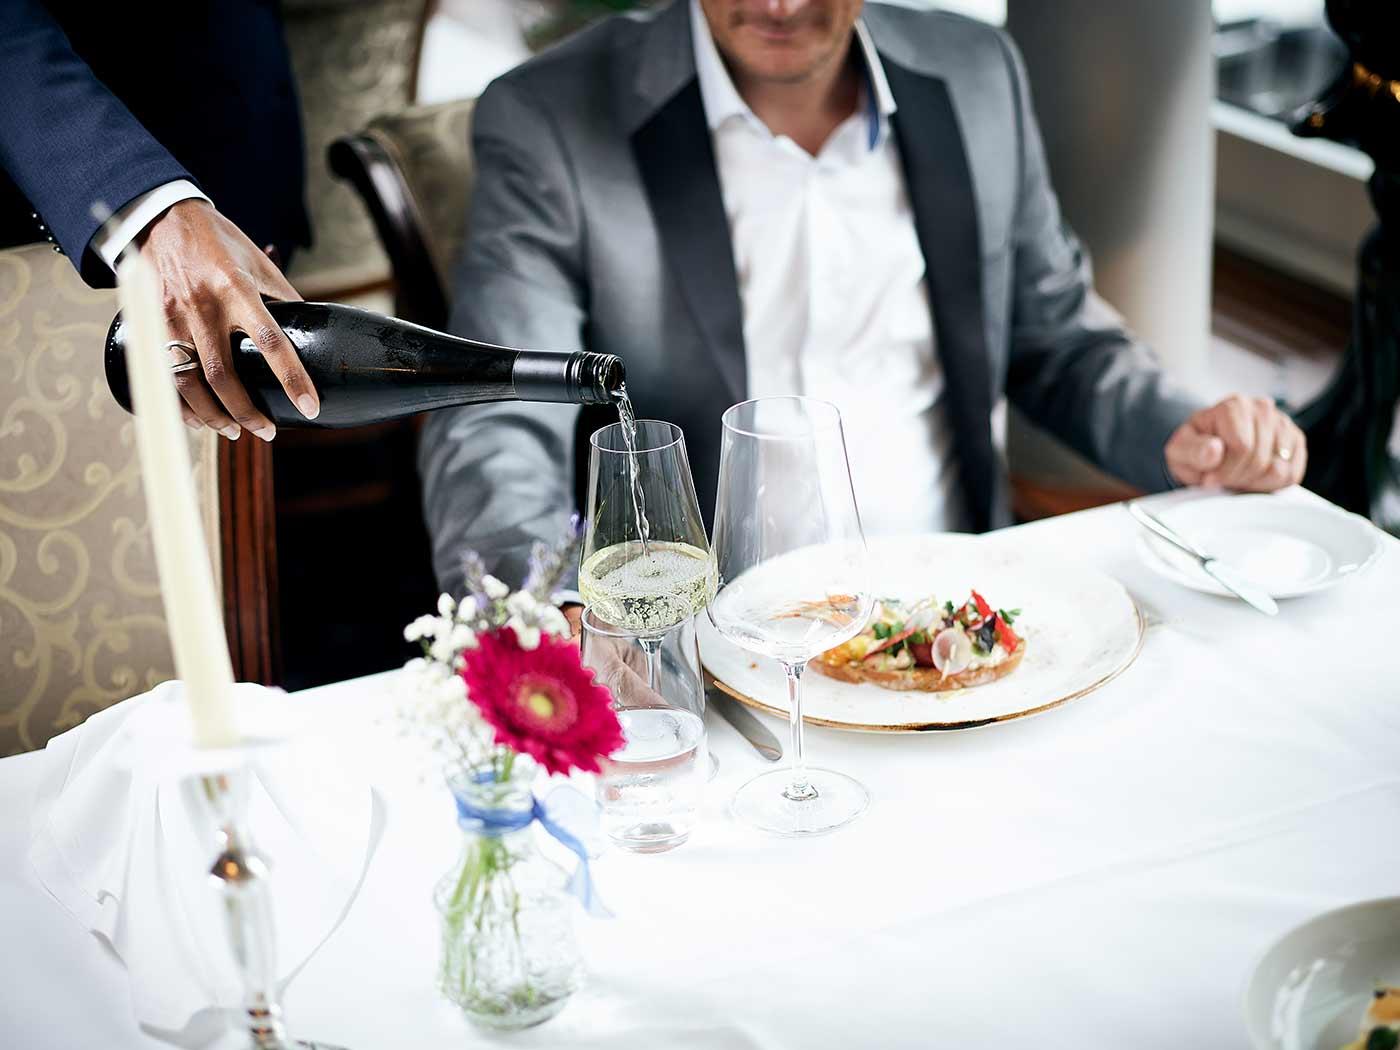 Weinglas wird mit Weisswein aufgefüllt